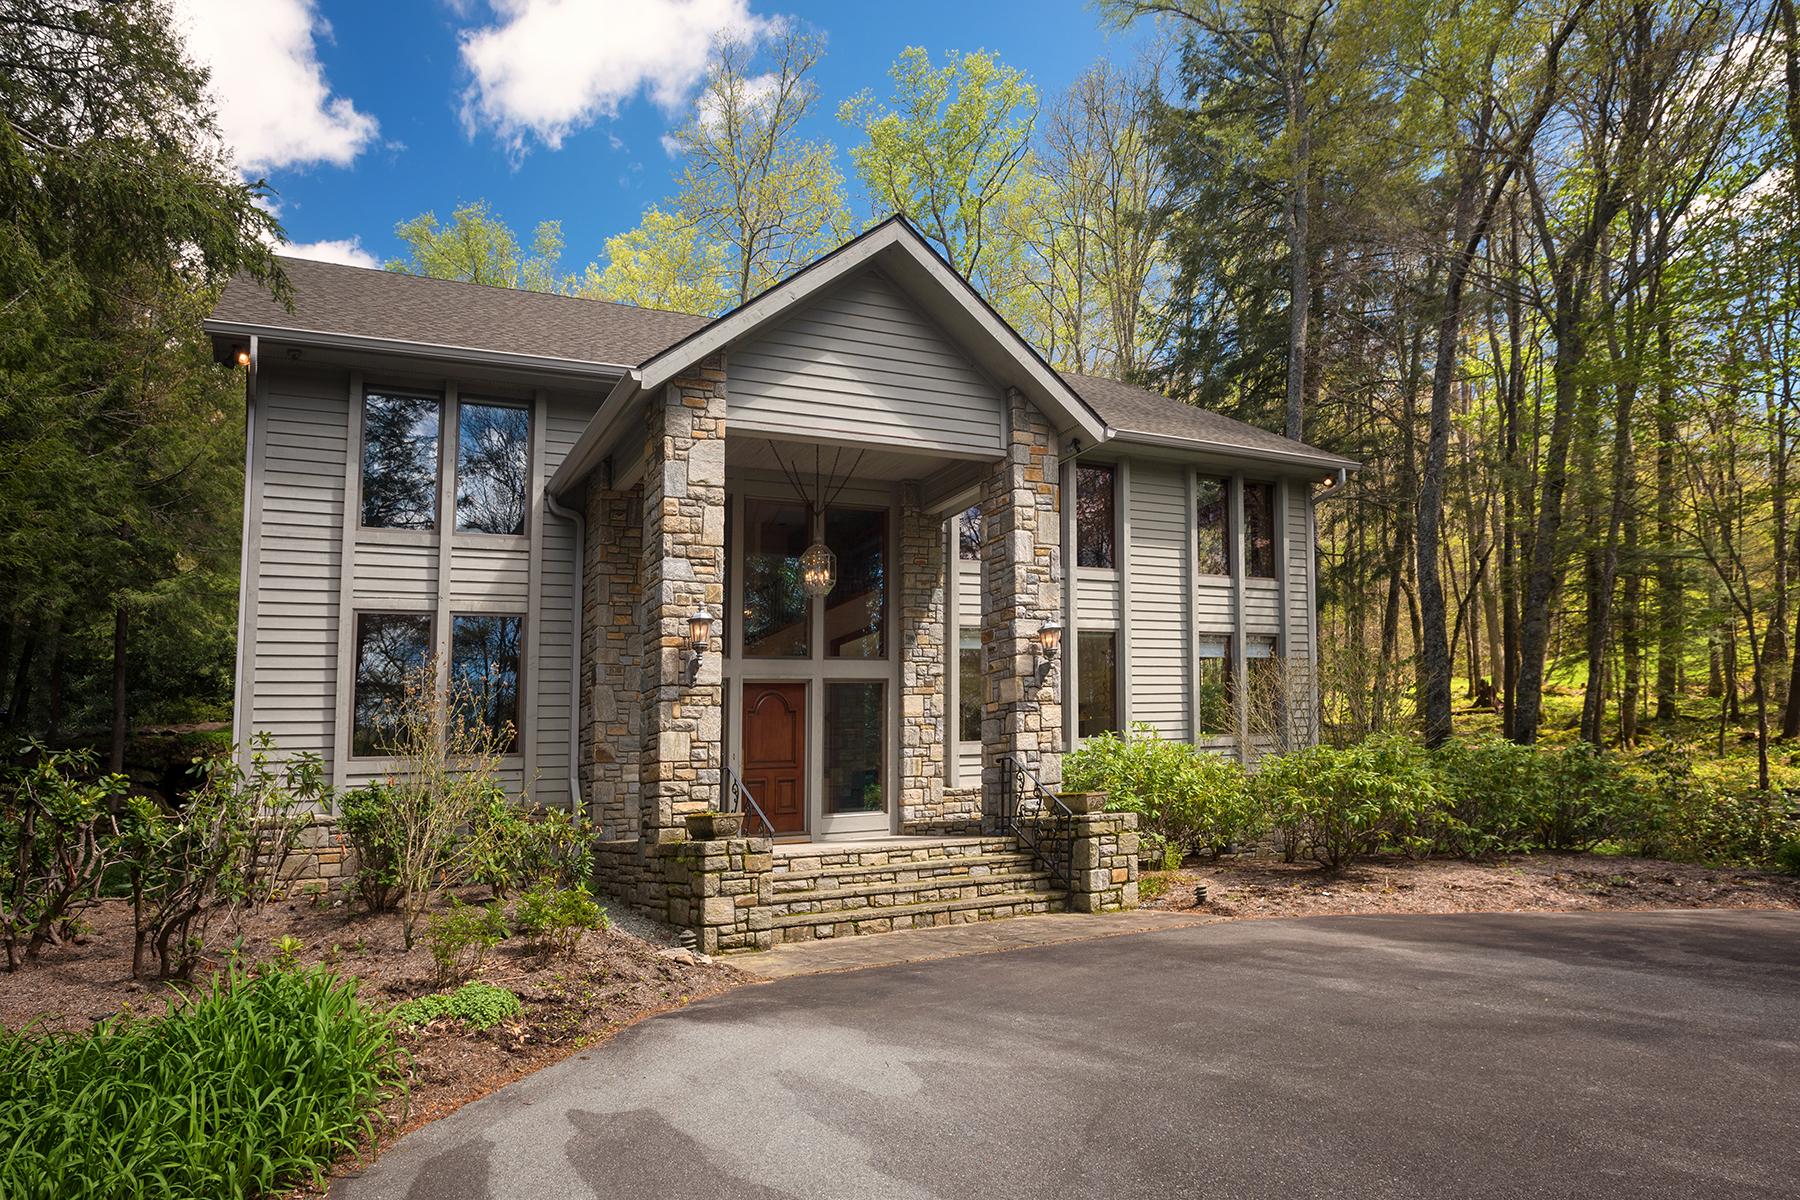 一戸建て のために 売買 アット LINVILLE - GRANDFATHER GOLF AND COUNTRY CLUB 550 Bridle Trail Rd Linville, ノースカロライナ, 28646 アメリカ合衆国